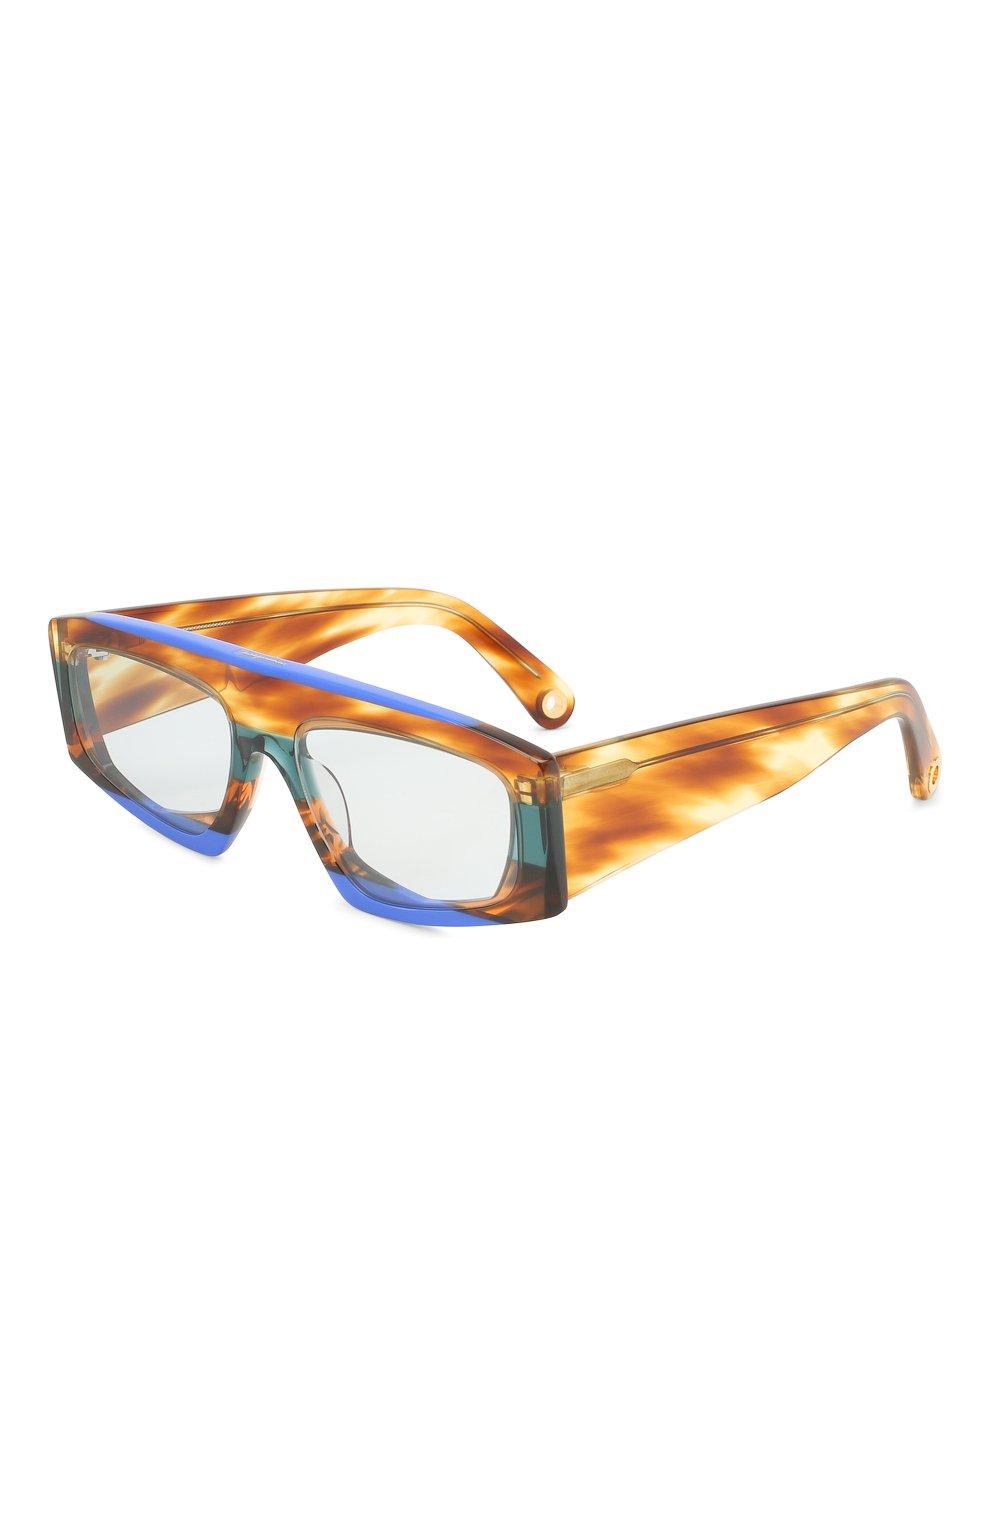 Женские солнцезащитные очки JACQUEMUS коричневого цвета, арт. LES LUNETTES YAUC0 MULTI BLUE   Фото 1